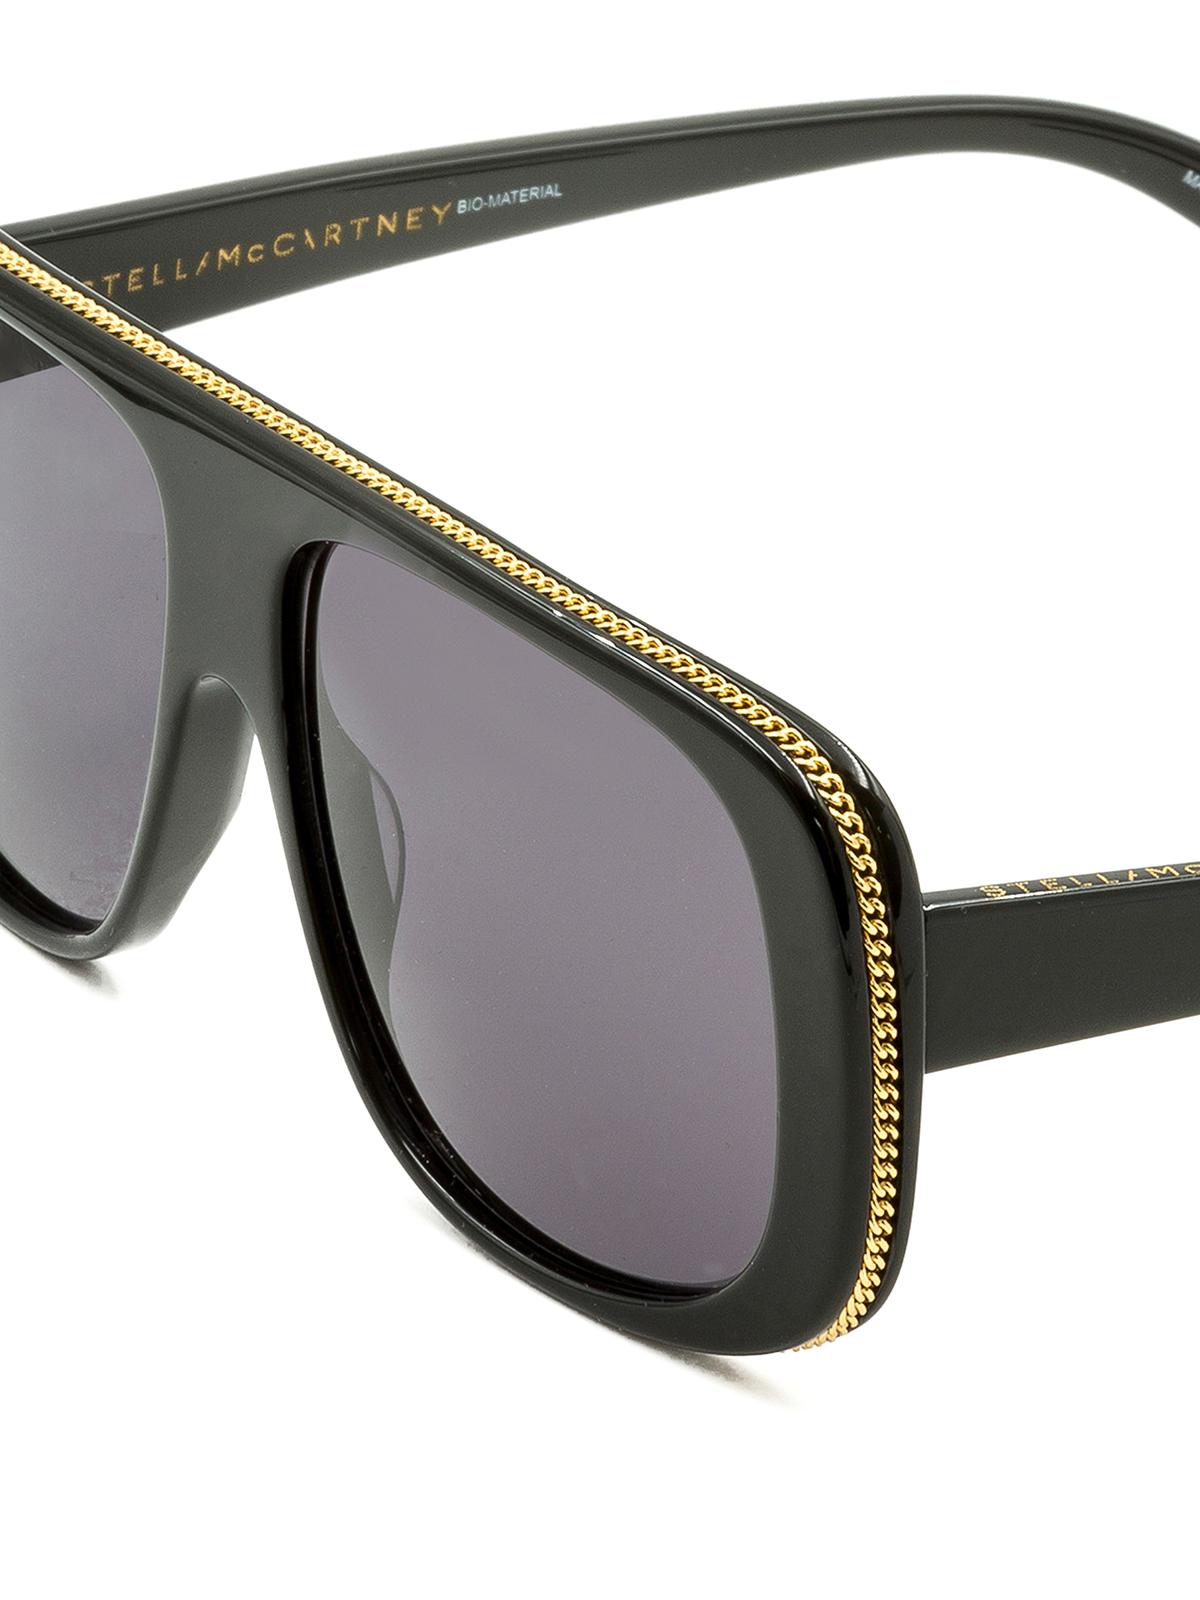 selezione migliore 10143 0c8d4 Stella Mccartney - Occhiali da sole con catena dorata ...